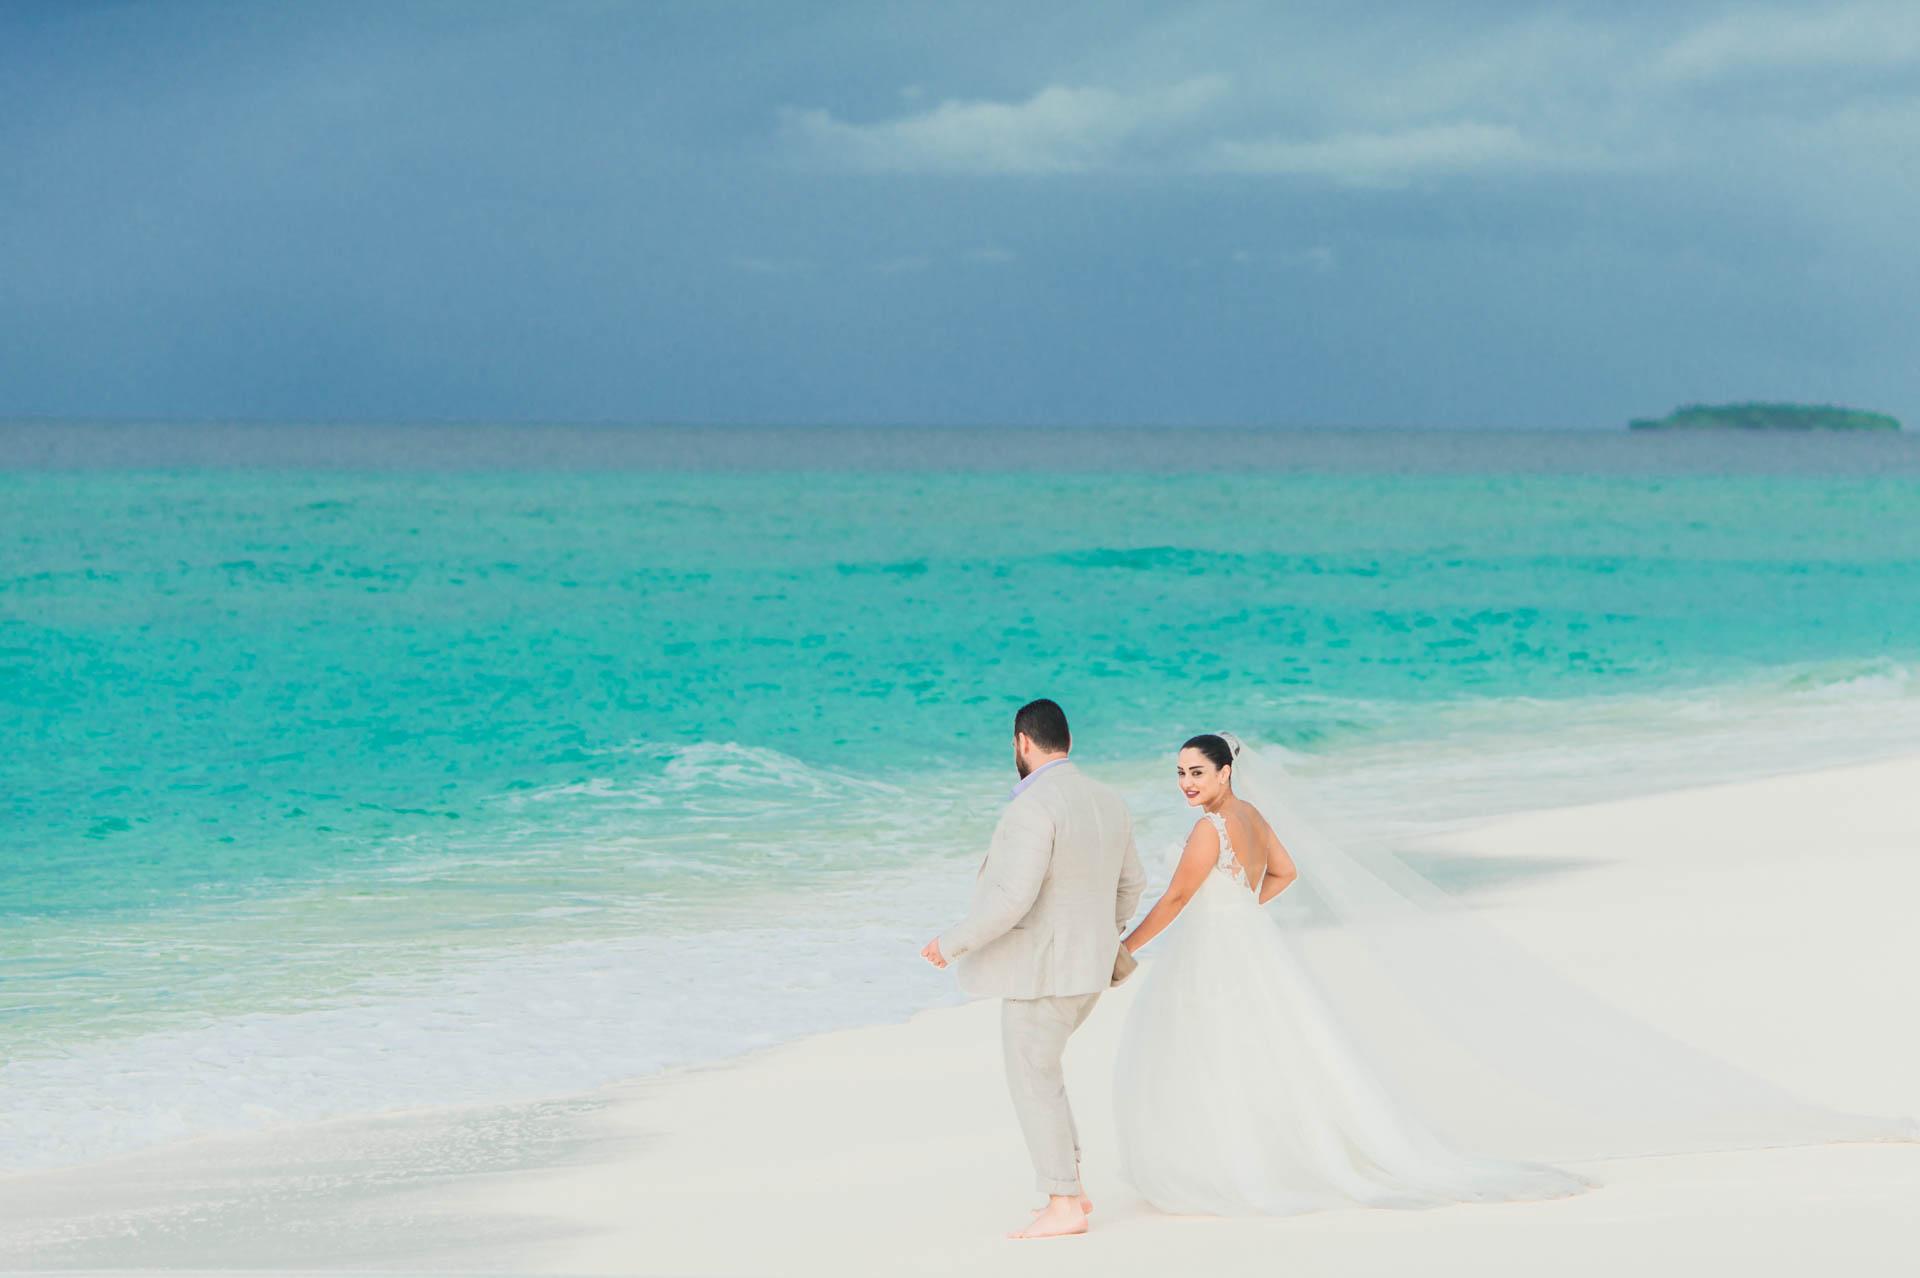 Ibrahim and Tamara at Ja Manafaru The north Most Resort of Maldives 12